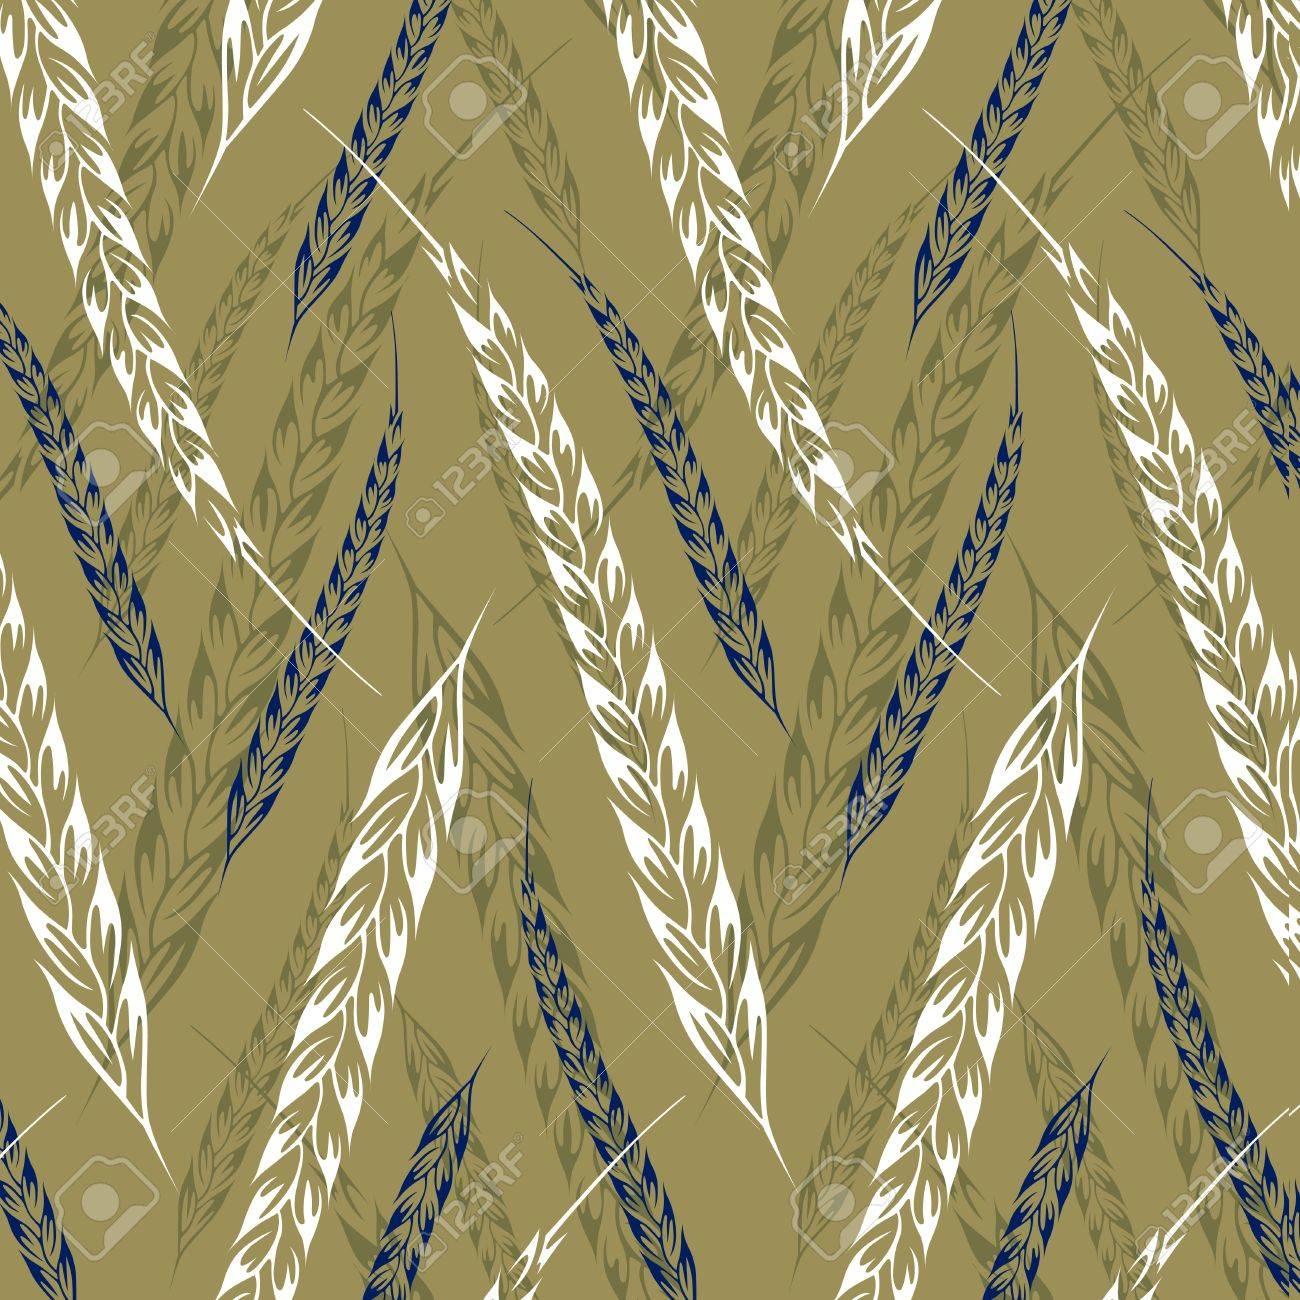 ear wheat pattern background - 10826297